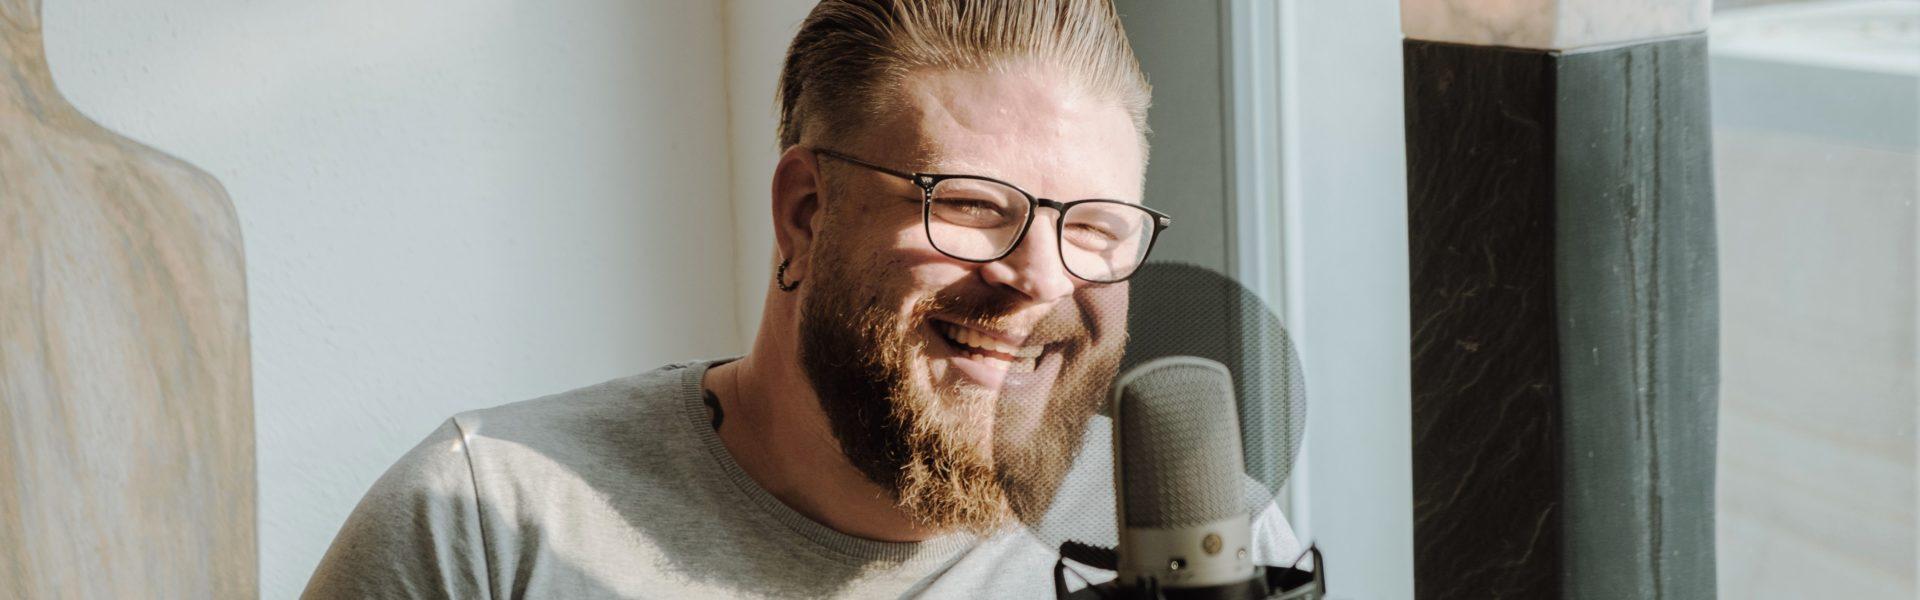 #Youngstarts-Podcast mit Jan-Florian Sichert aus Lüdinghausen